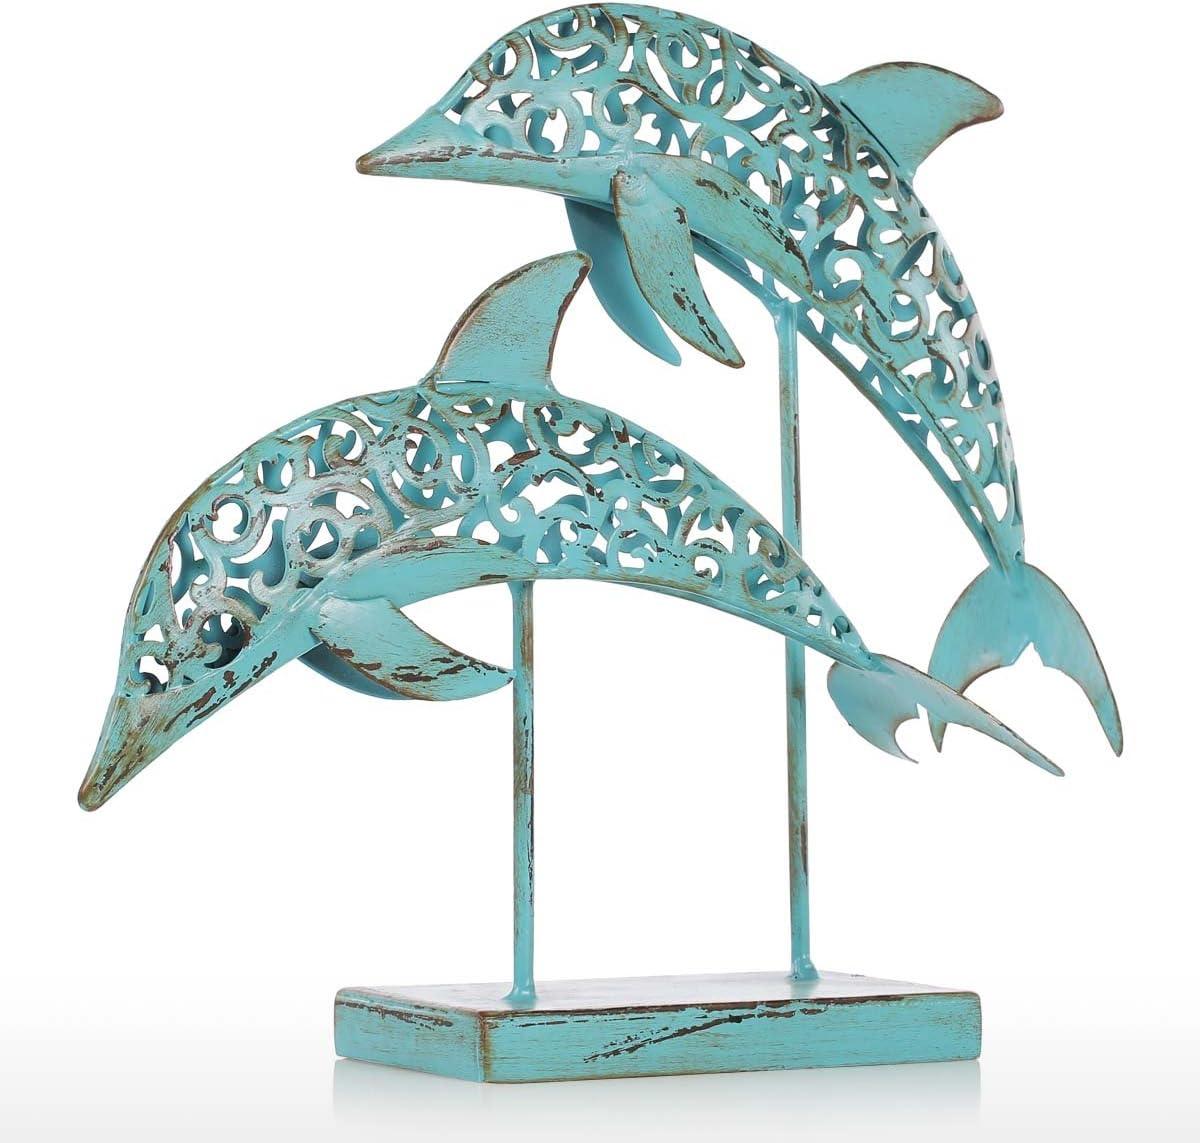 Tooarts Dos Delfines Estatuas de Hierro Efecto Viejo Artesano Profesional Azul